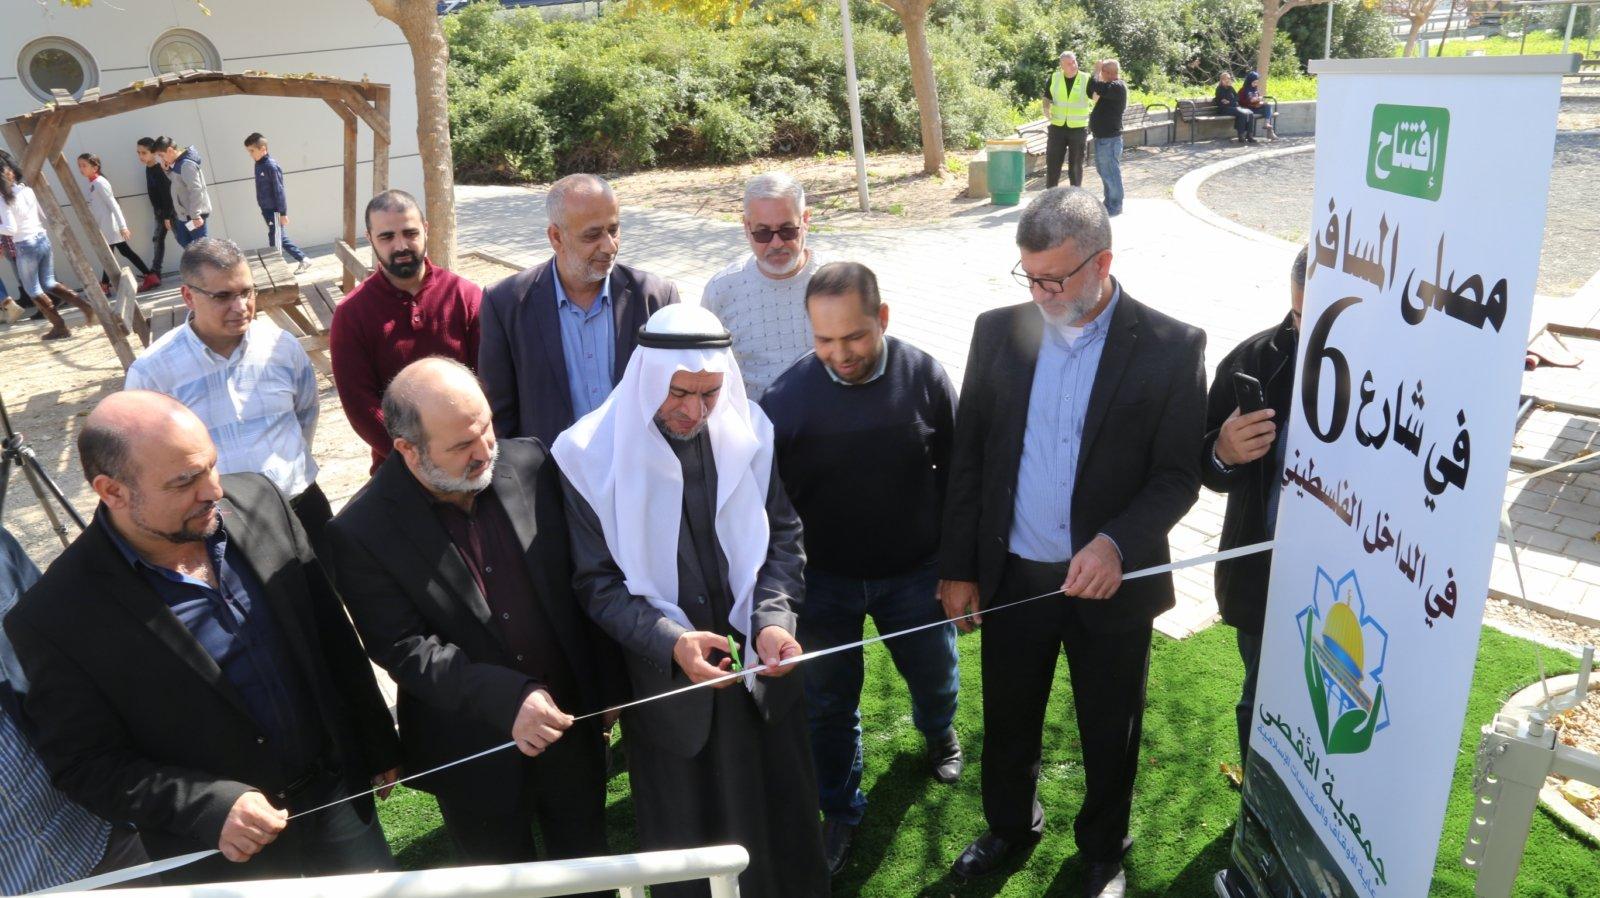 افتتاح مصلى المسافر في شارع 6 رغم مماطلات استمرت لسنوات بمبادرة من جمعية الاقصى